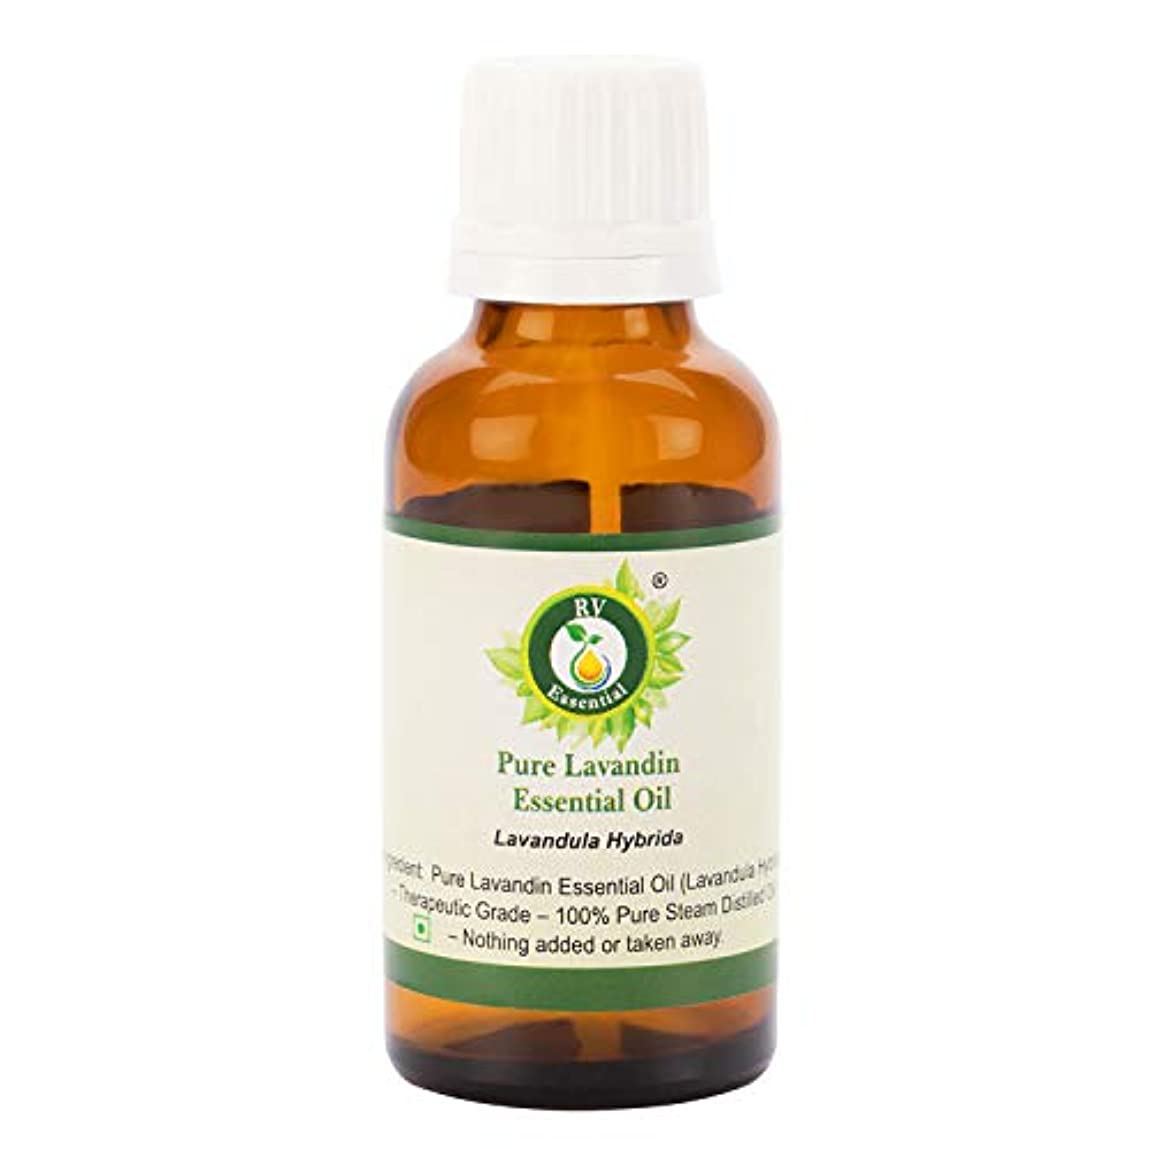 司法不公平取るに足らないピュアLavandinエッセンシャルオイル300ml (10oz)- Lavandula Hybrida (100%純粋&天然スチームDistilled) Pure Lavandin Essential Oil